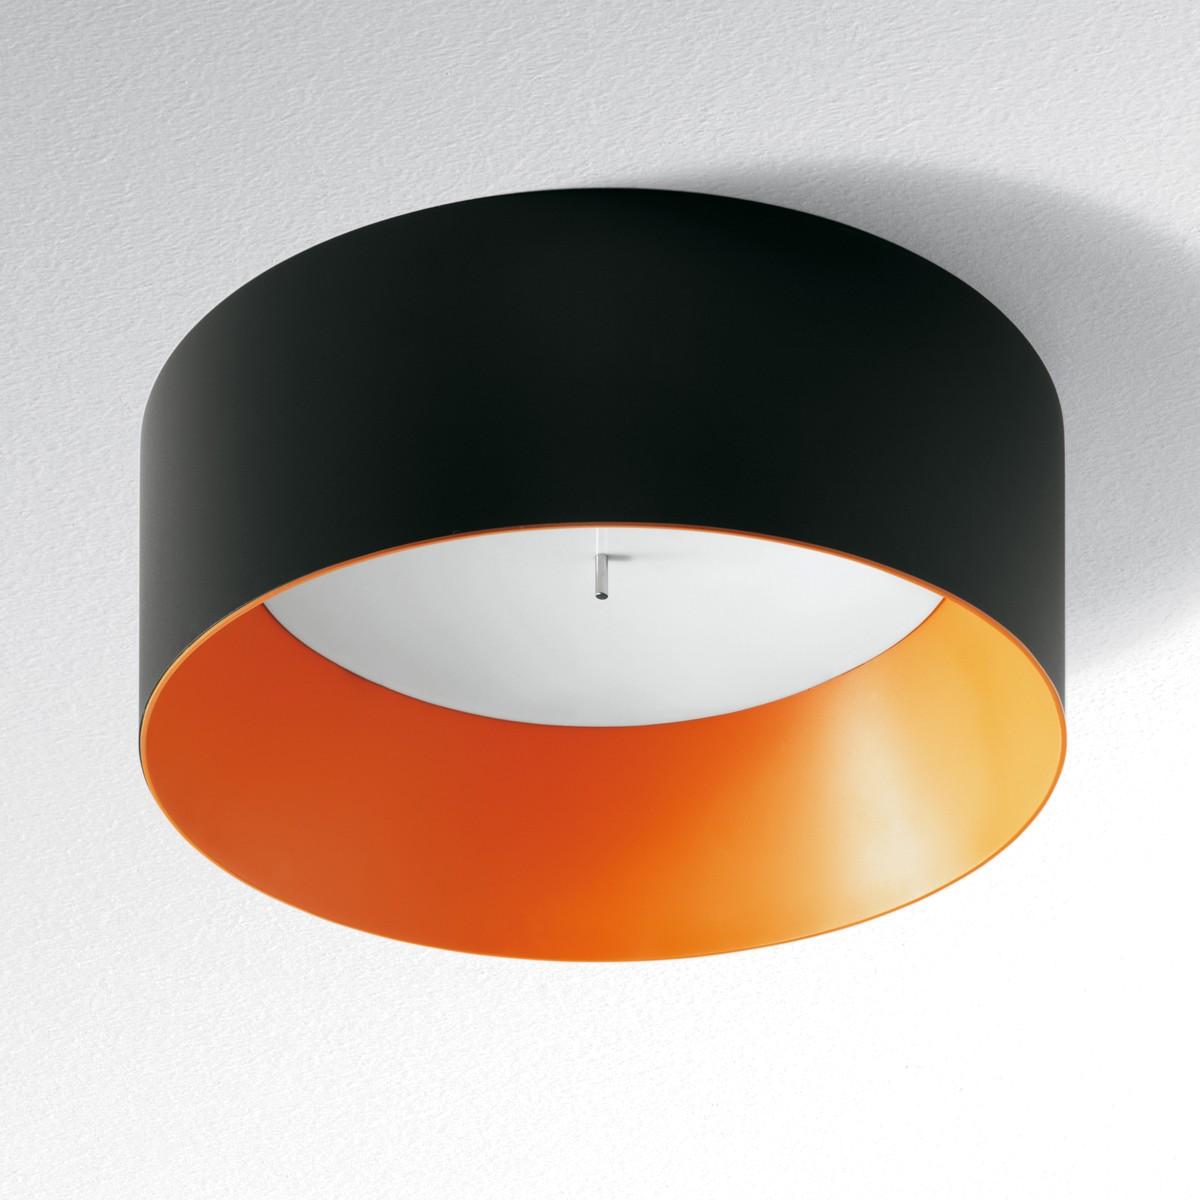 Artemide Architectural Tagora 570 Deckenleuchte LED, schwarz - orange, dimmbar